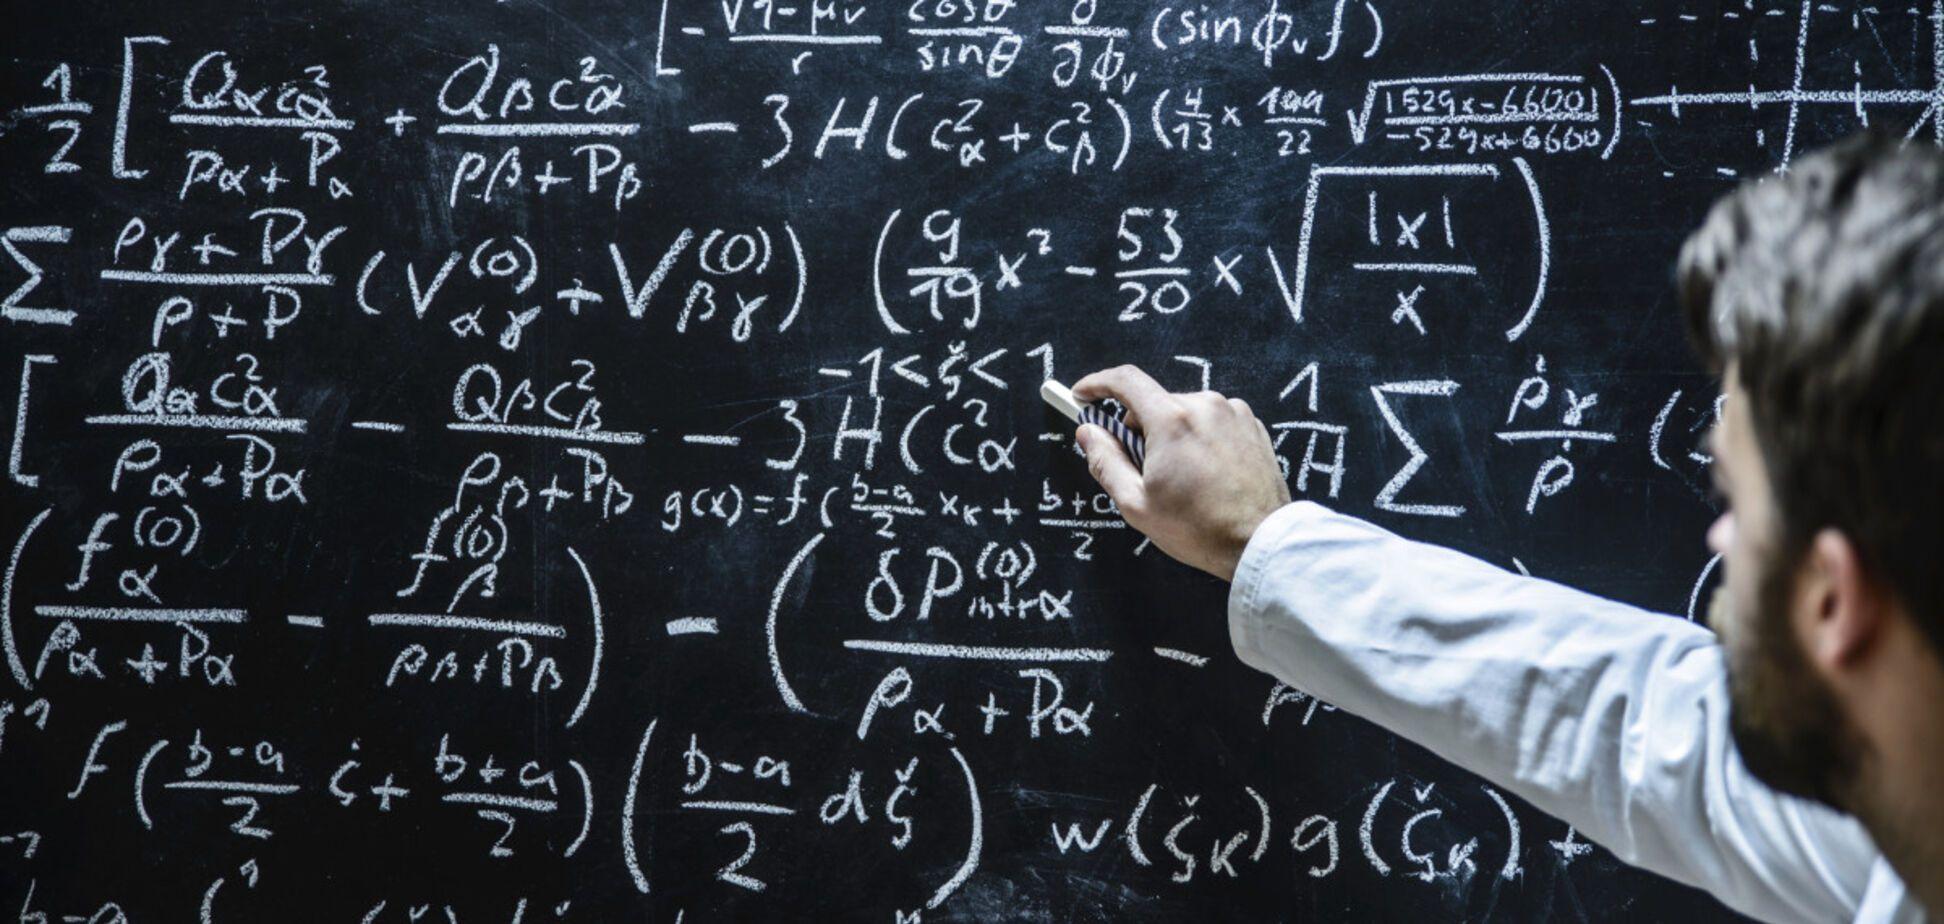 Наука в Україні російськомовна? Українець з ЦЕРНу прояснив ситуацію